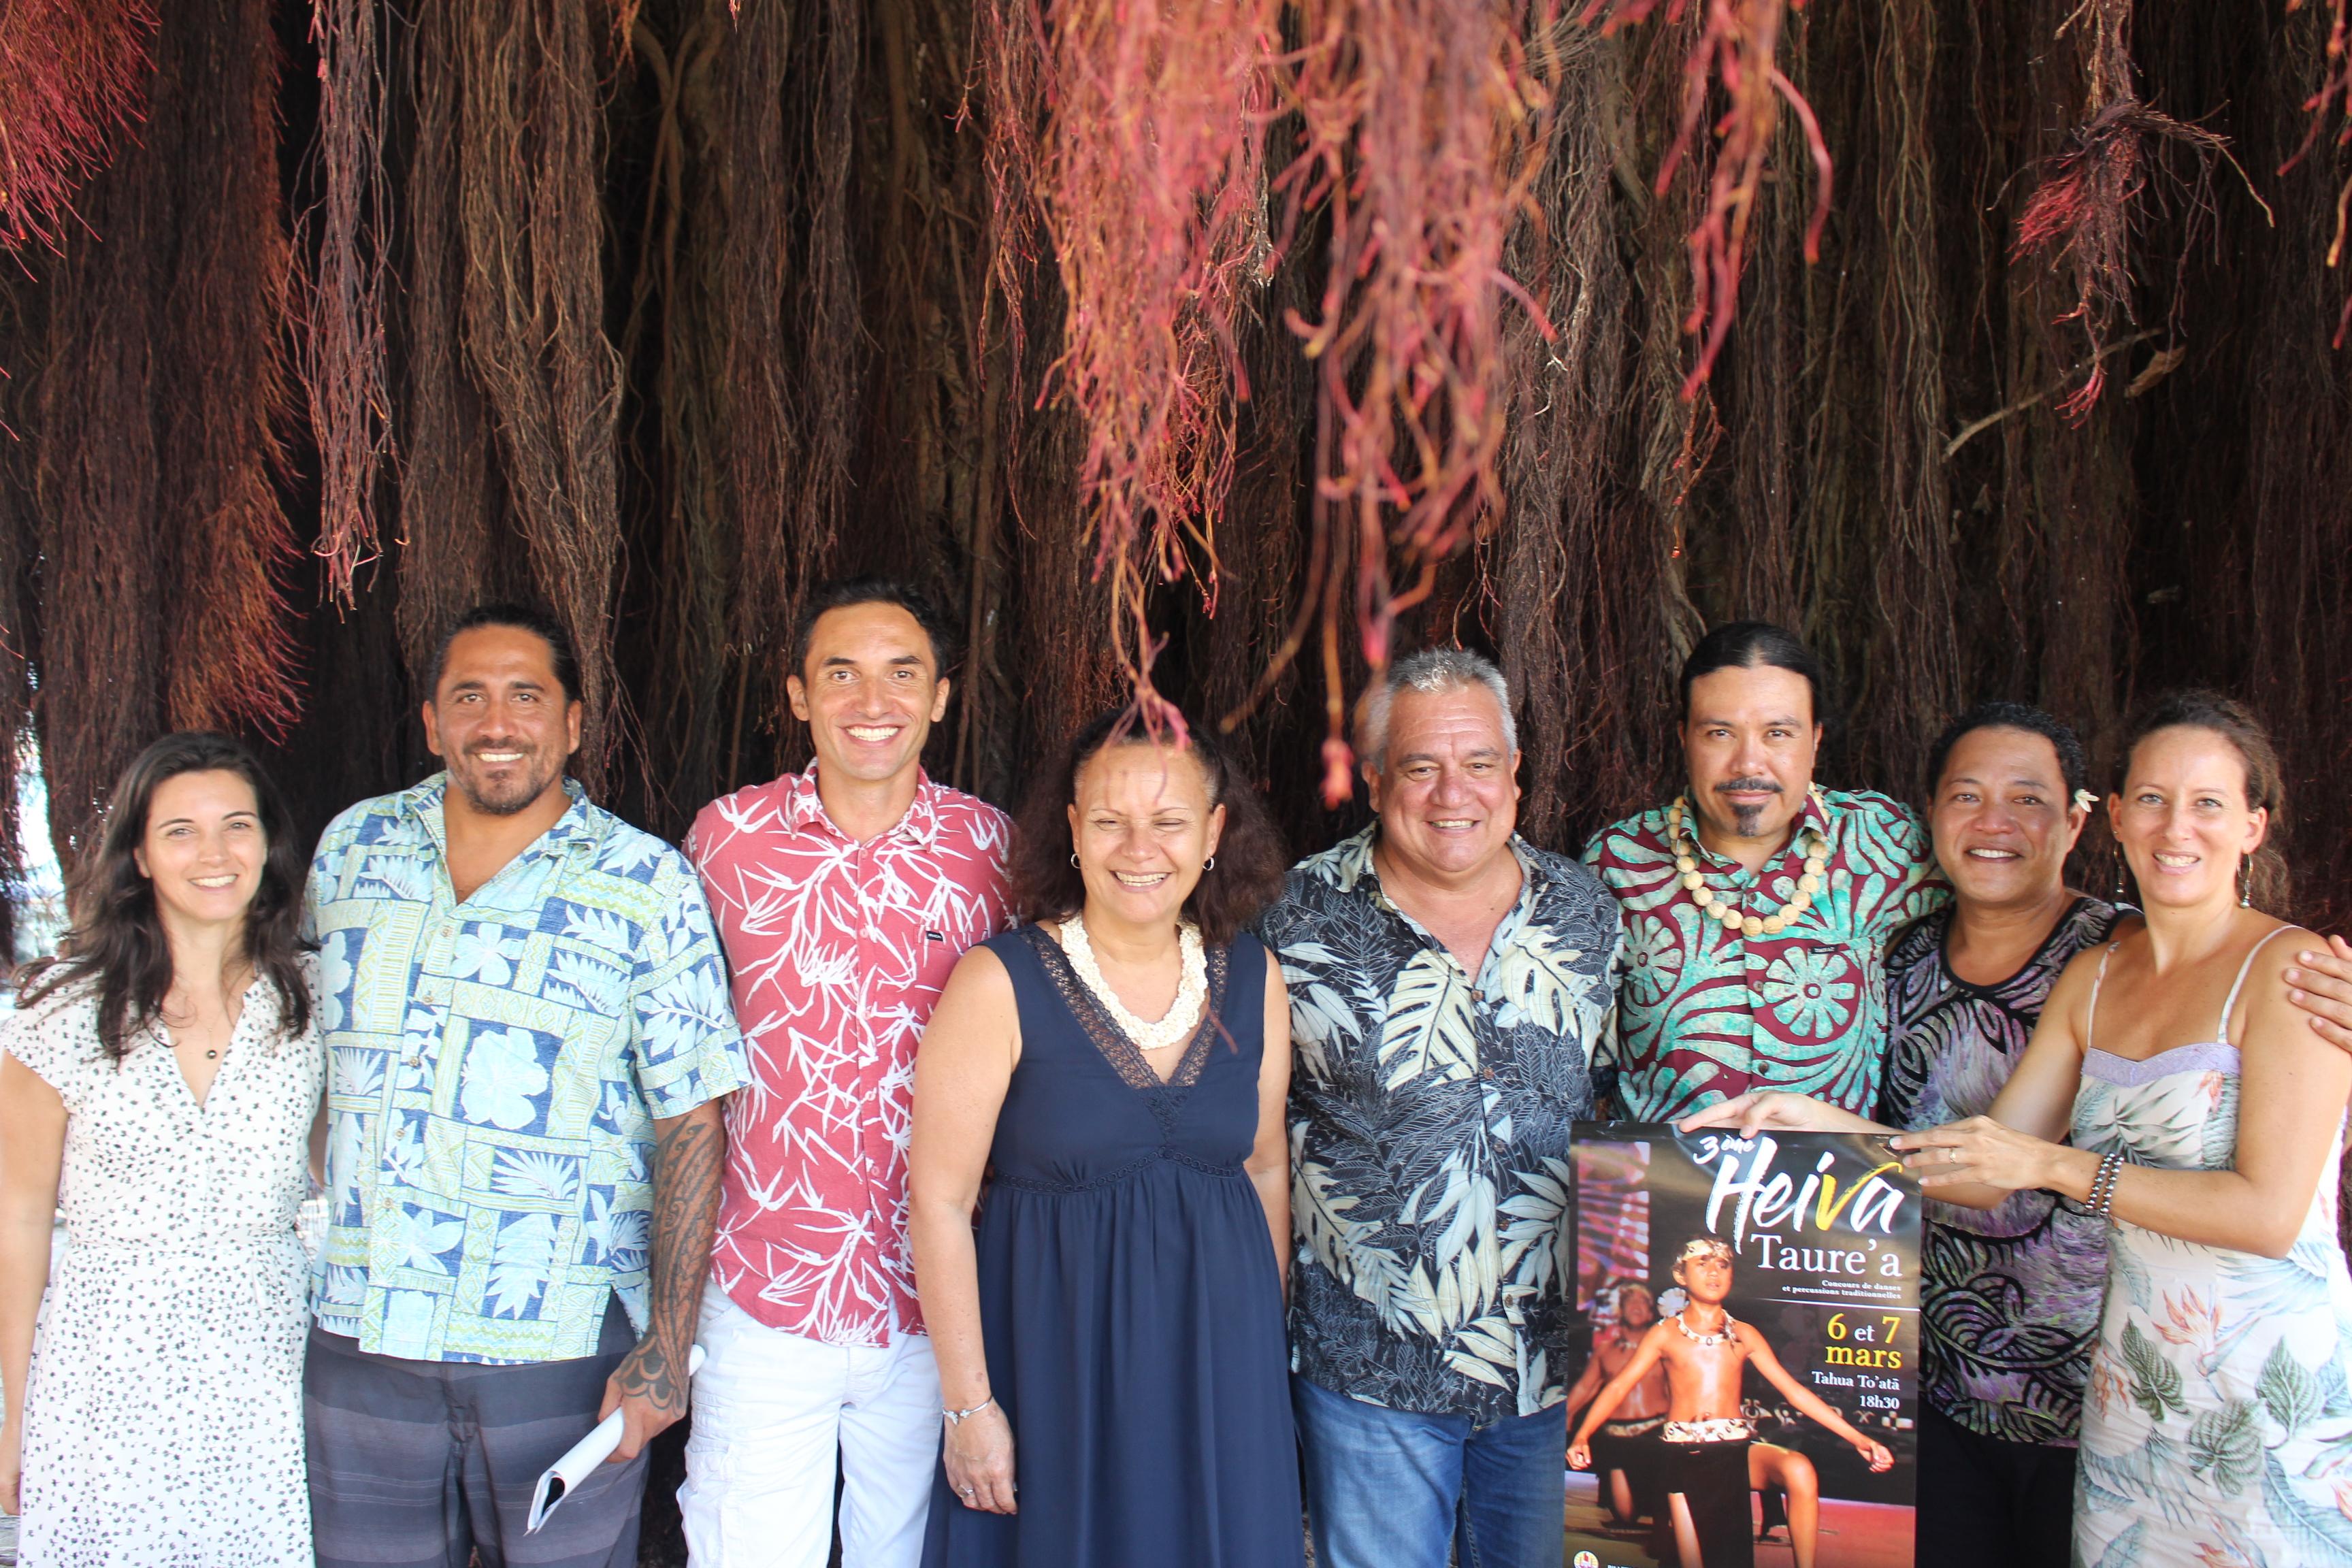 Page enfant : Heiva Taure'a, les collégiens à To'atā